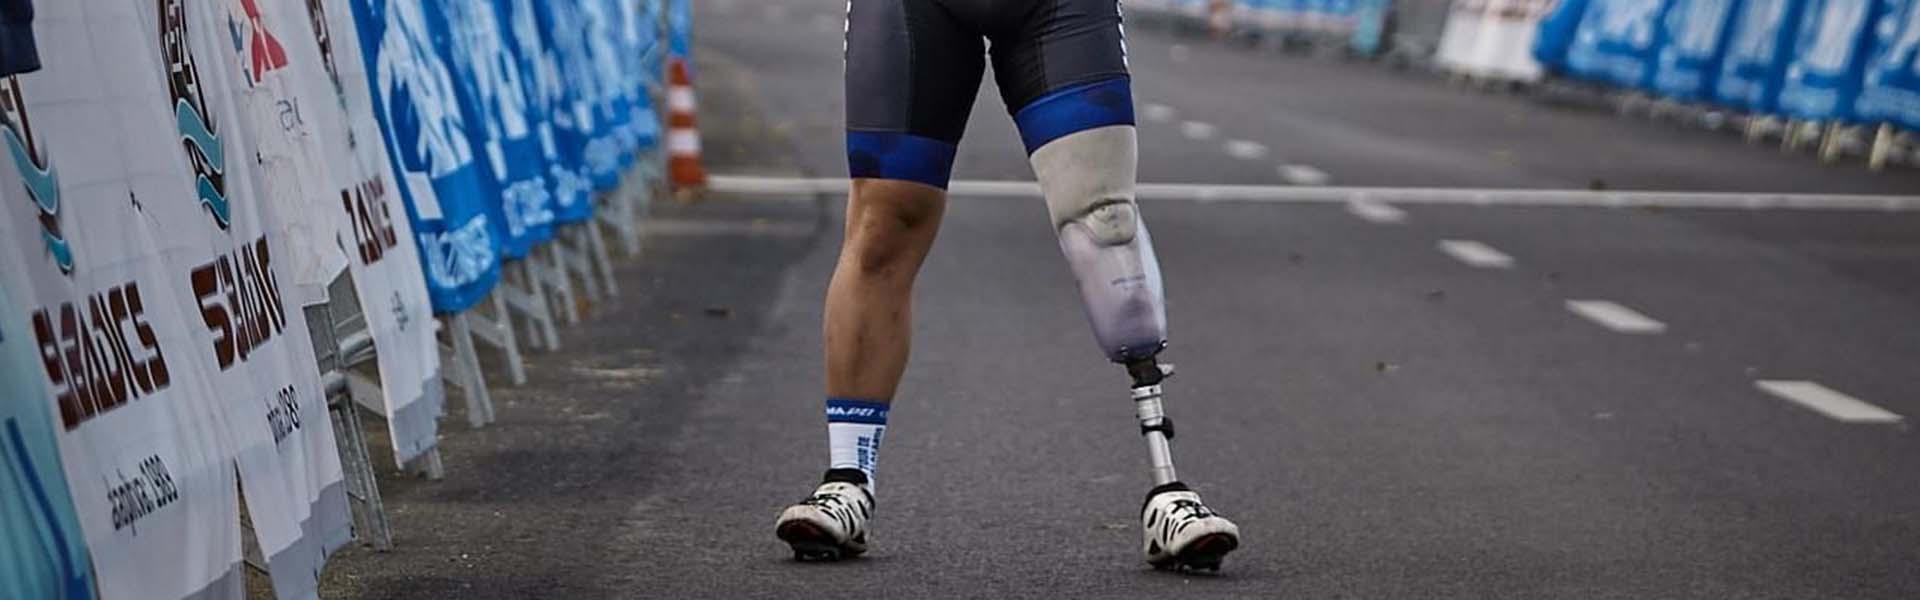 Újra sportolni, lábprotézissel